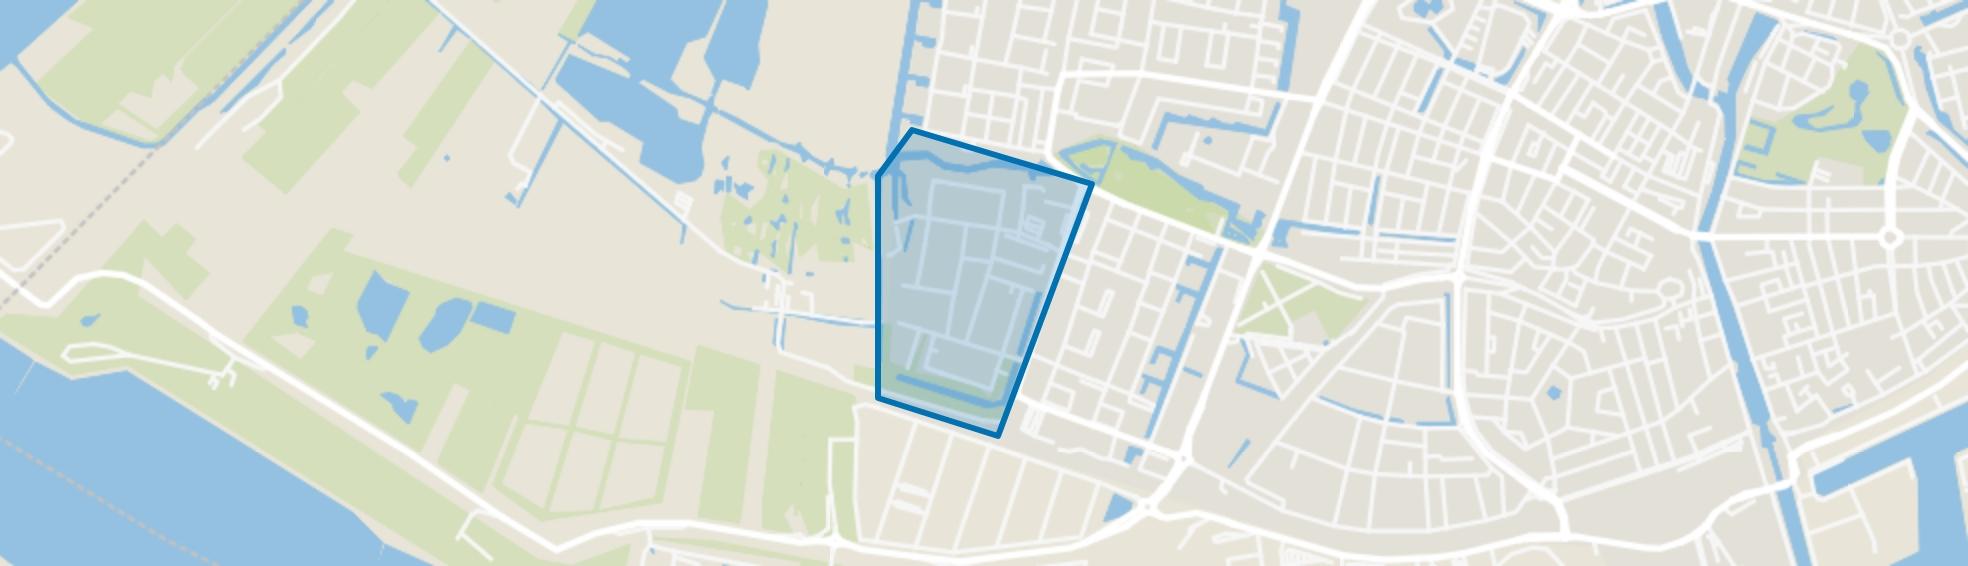 Hoogkamer, Vlaardingen map